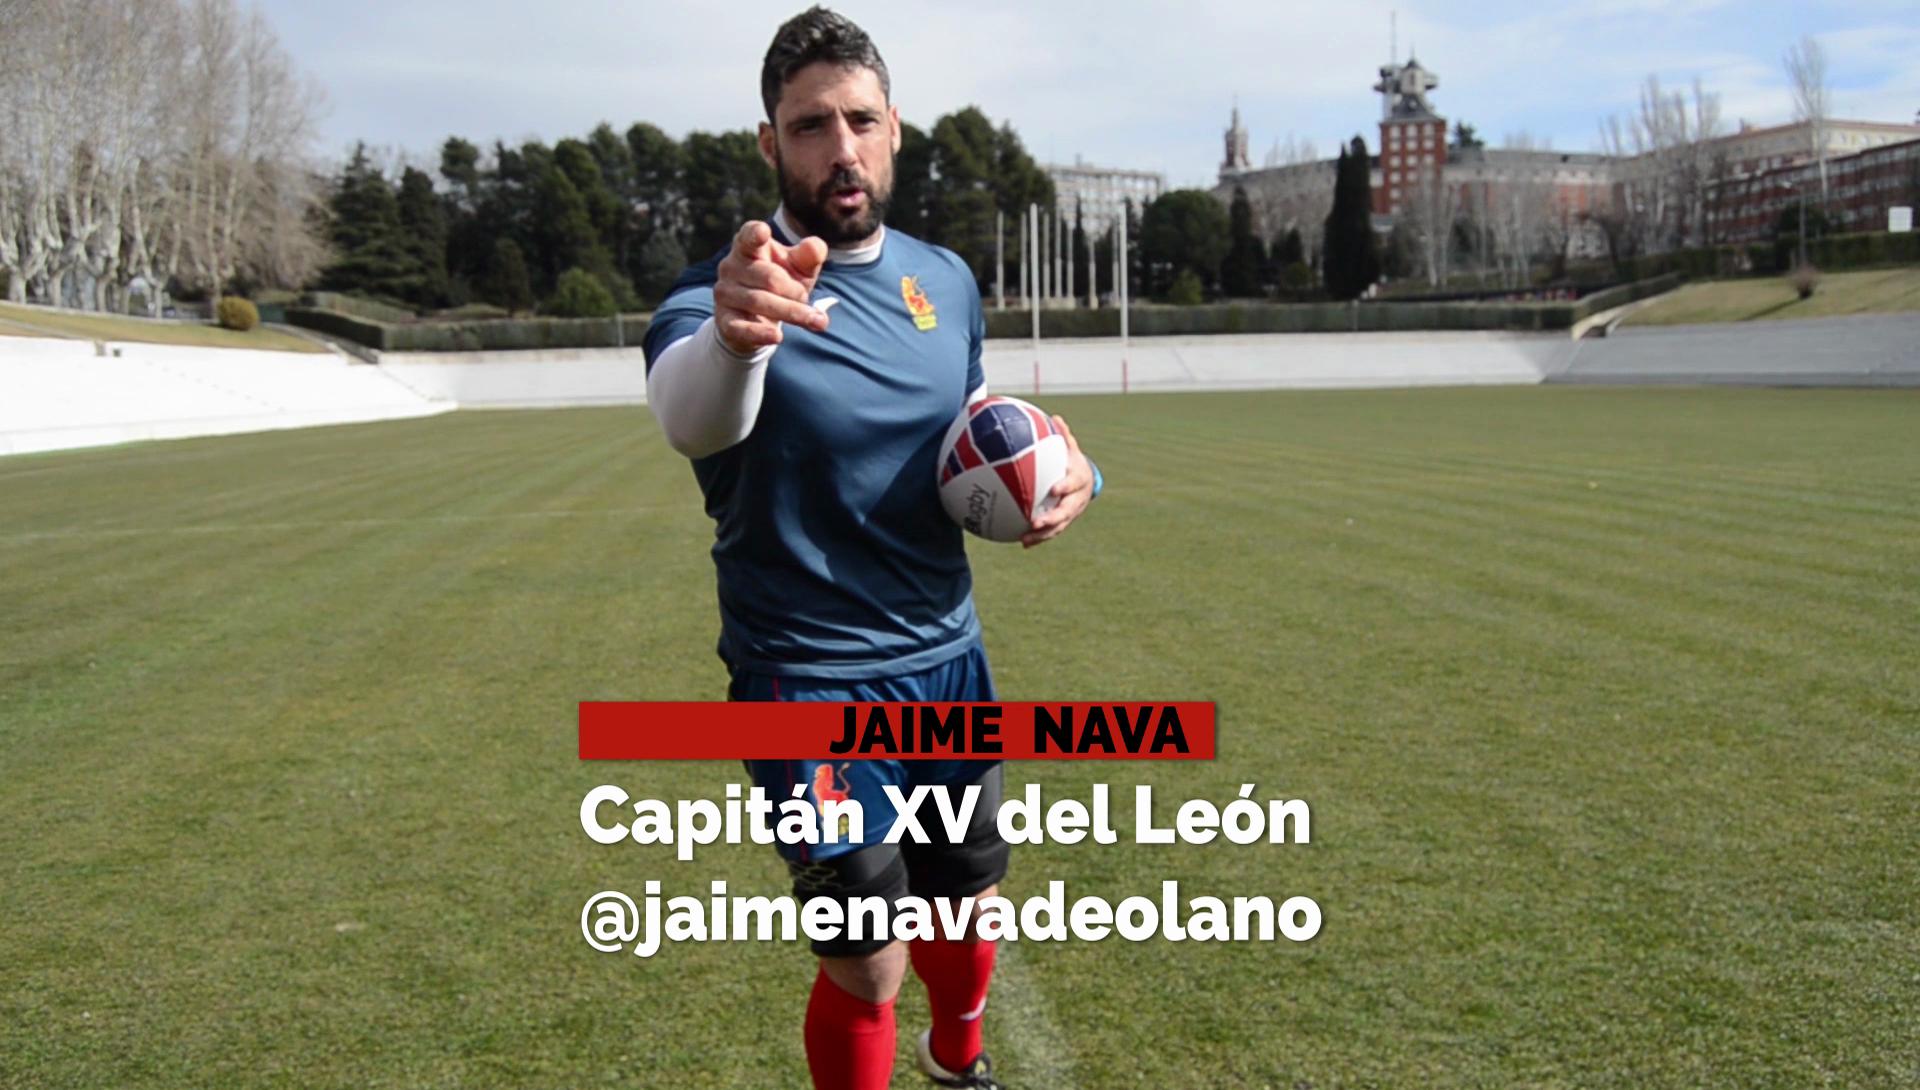 España-Rumanía: Este domingo todos jugamos al rugby